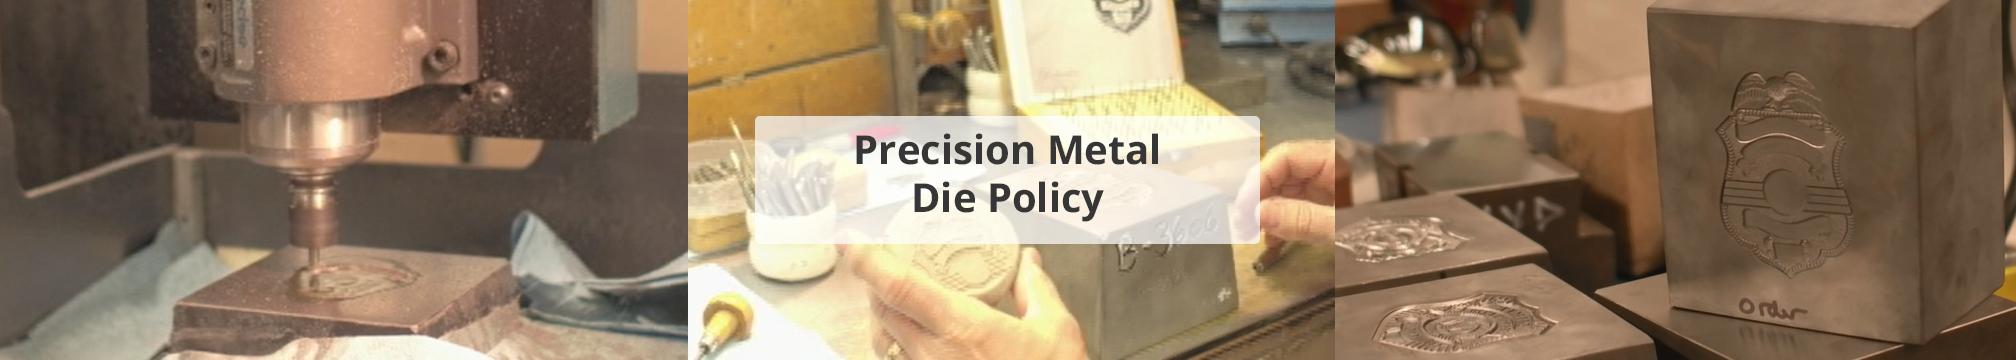 MetalDiePolicy